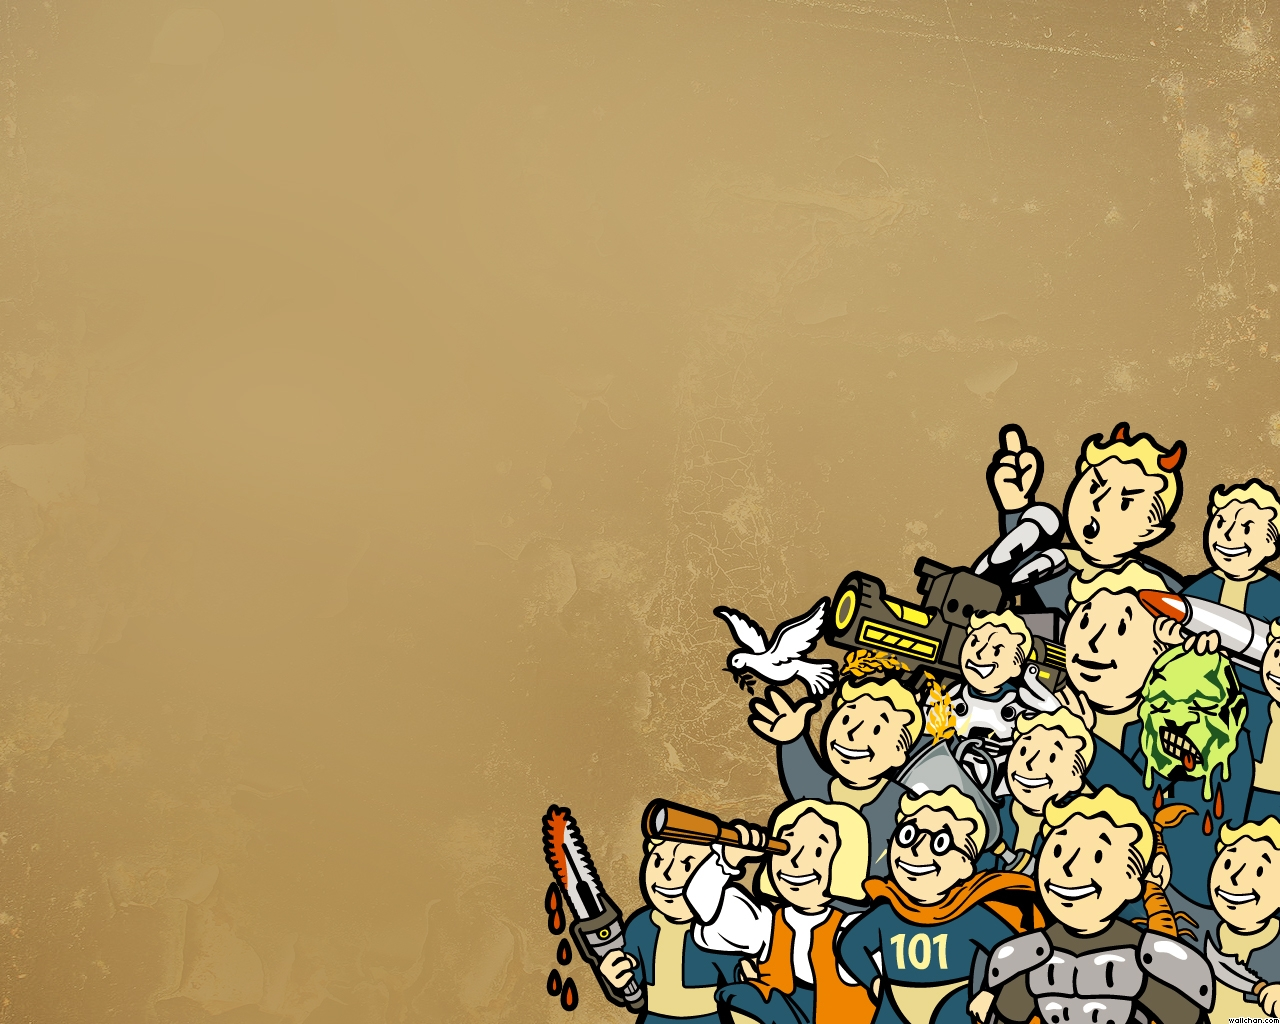 Fallout wallpaper 1280x1024